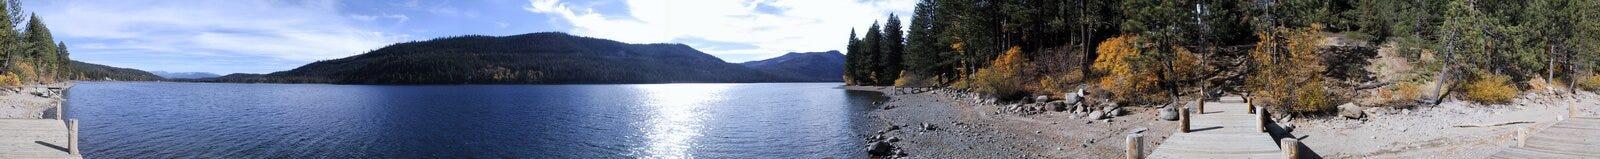 озеро donner панорамное Стоковое фото RF